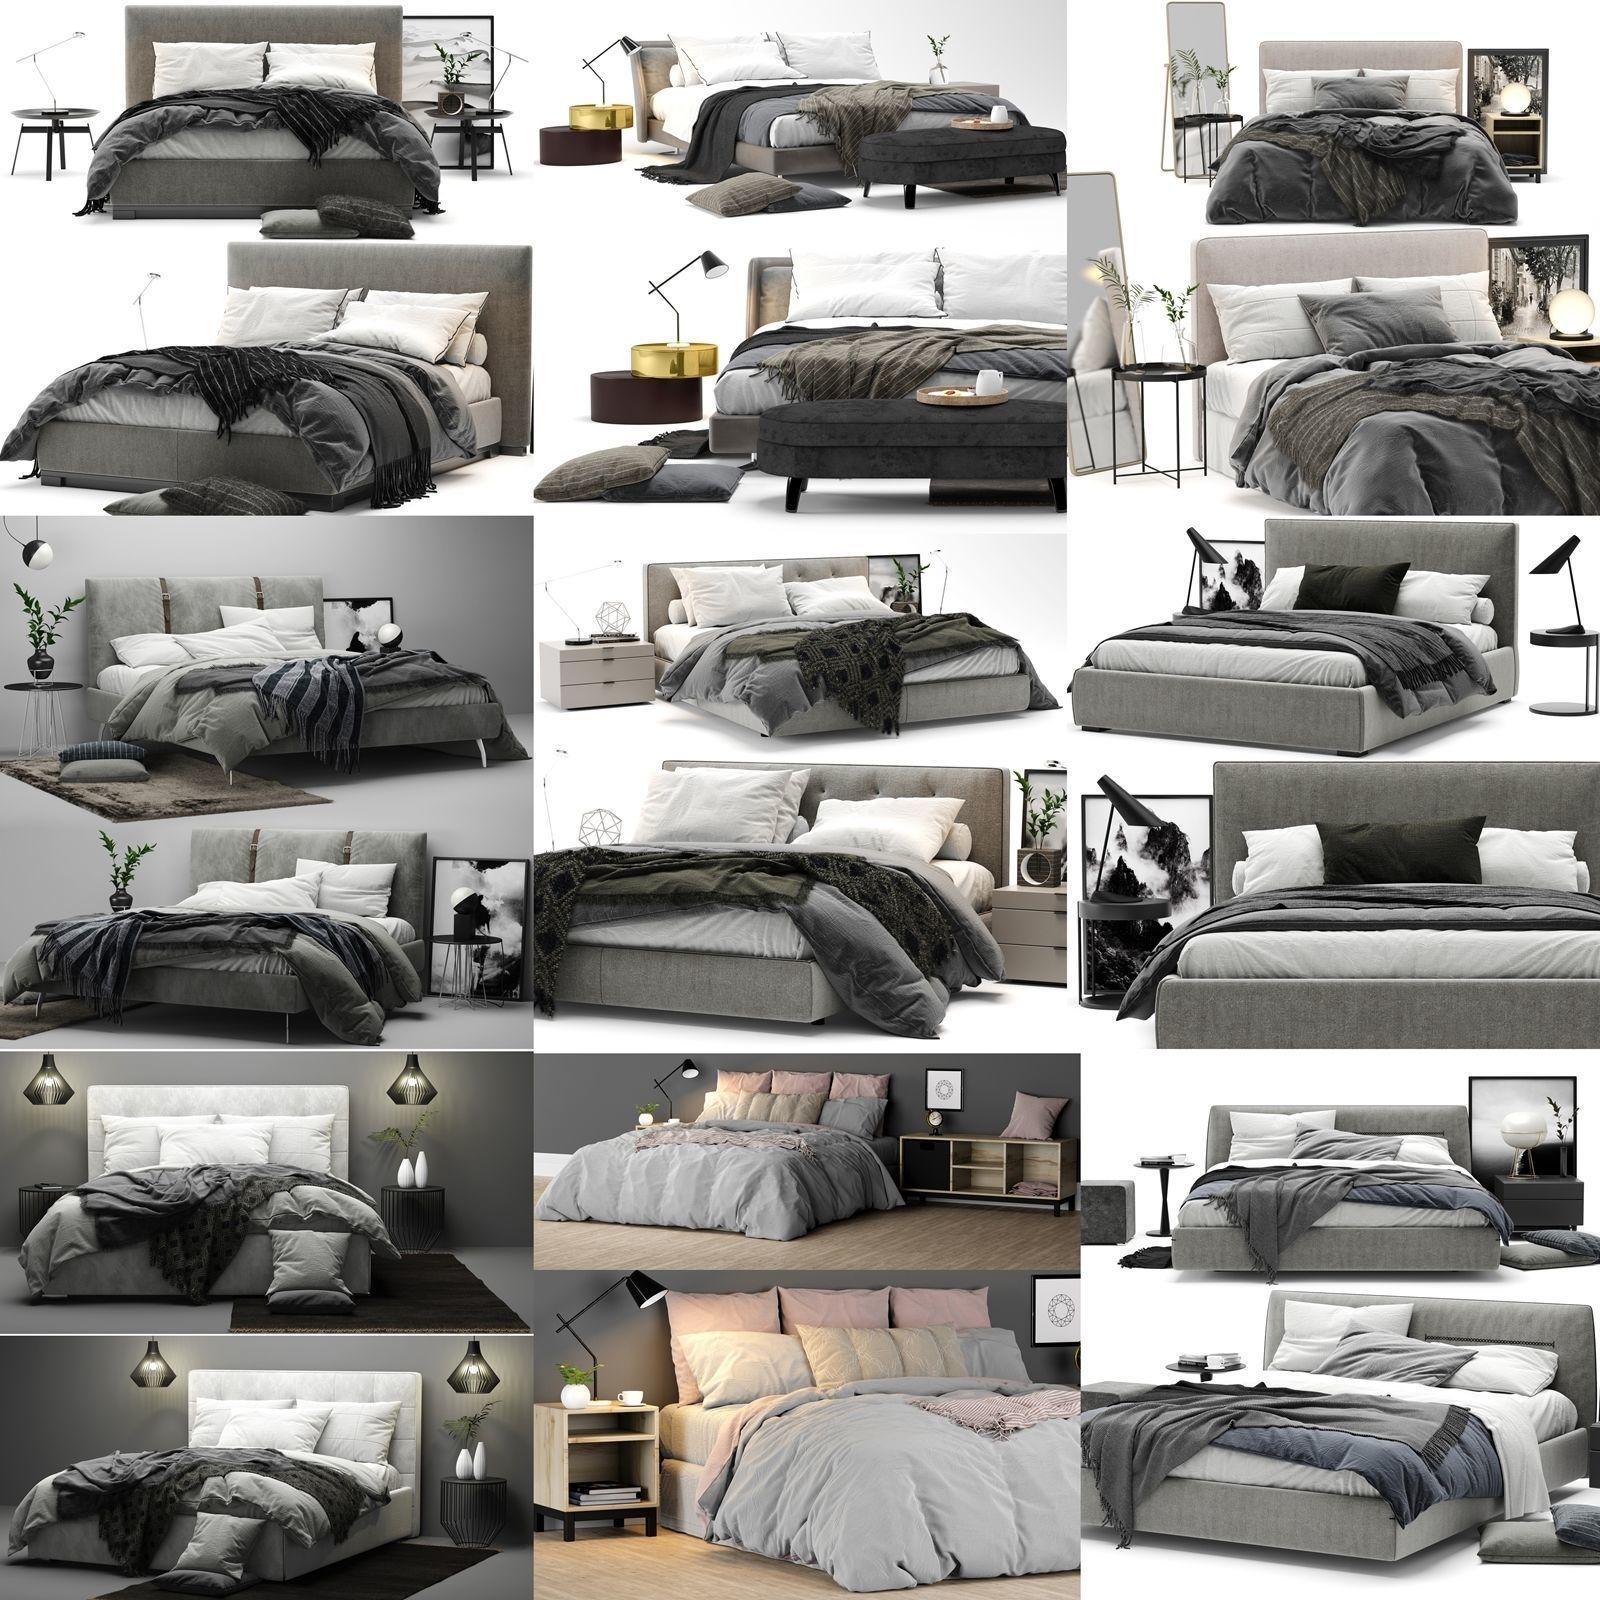 Colection Bed - 10 models